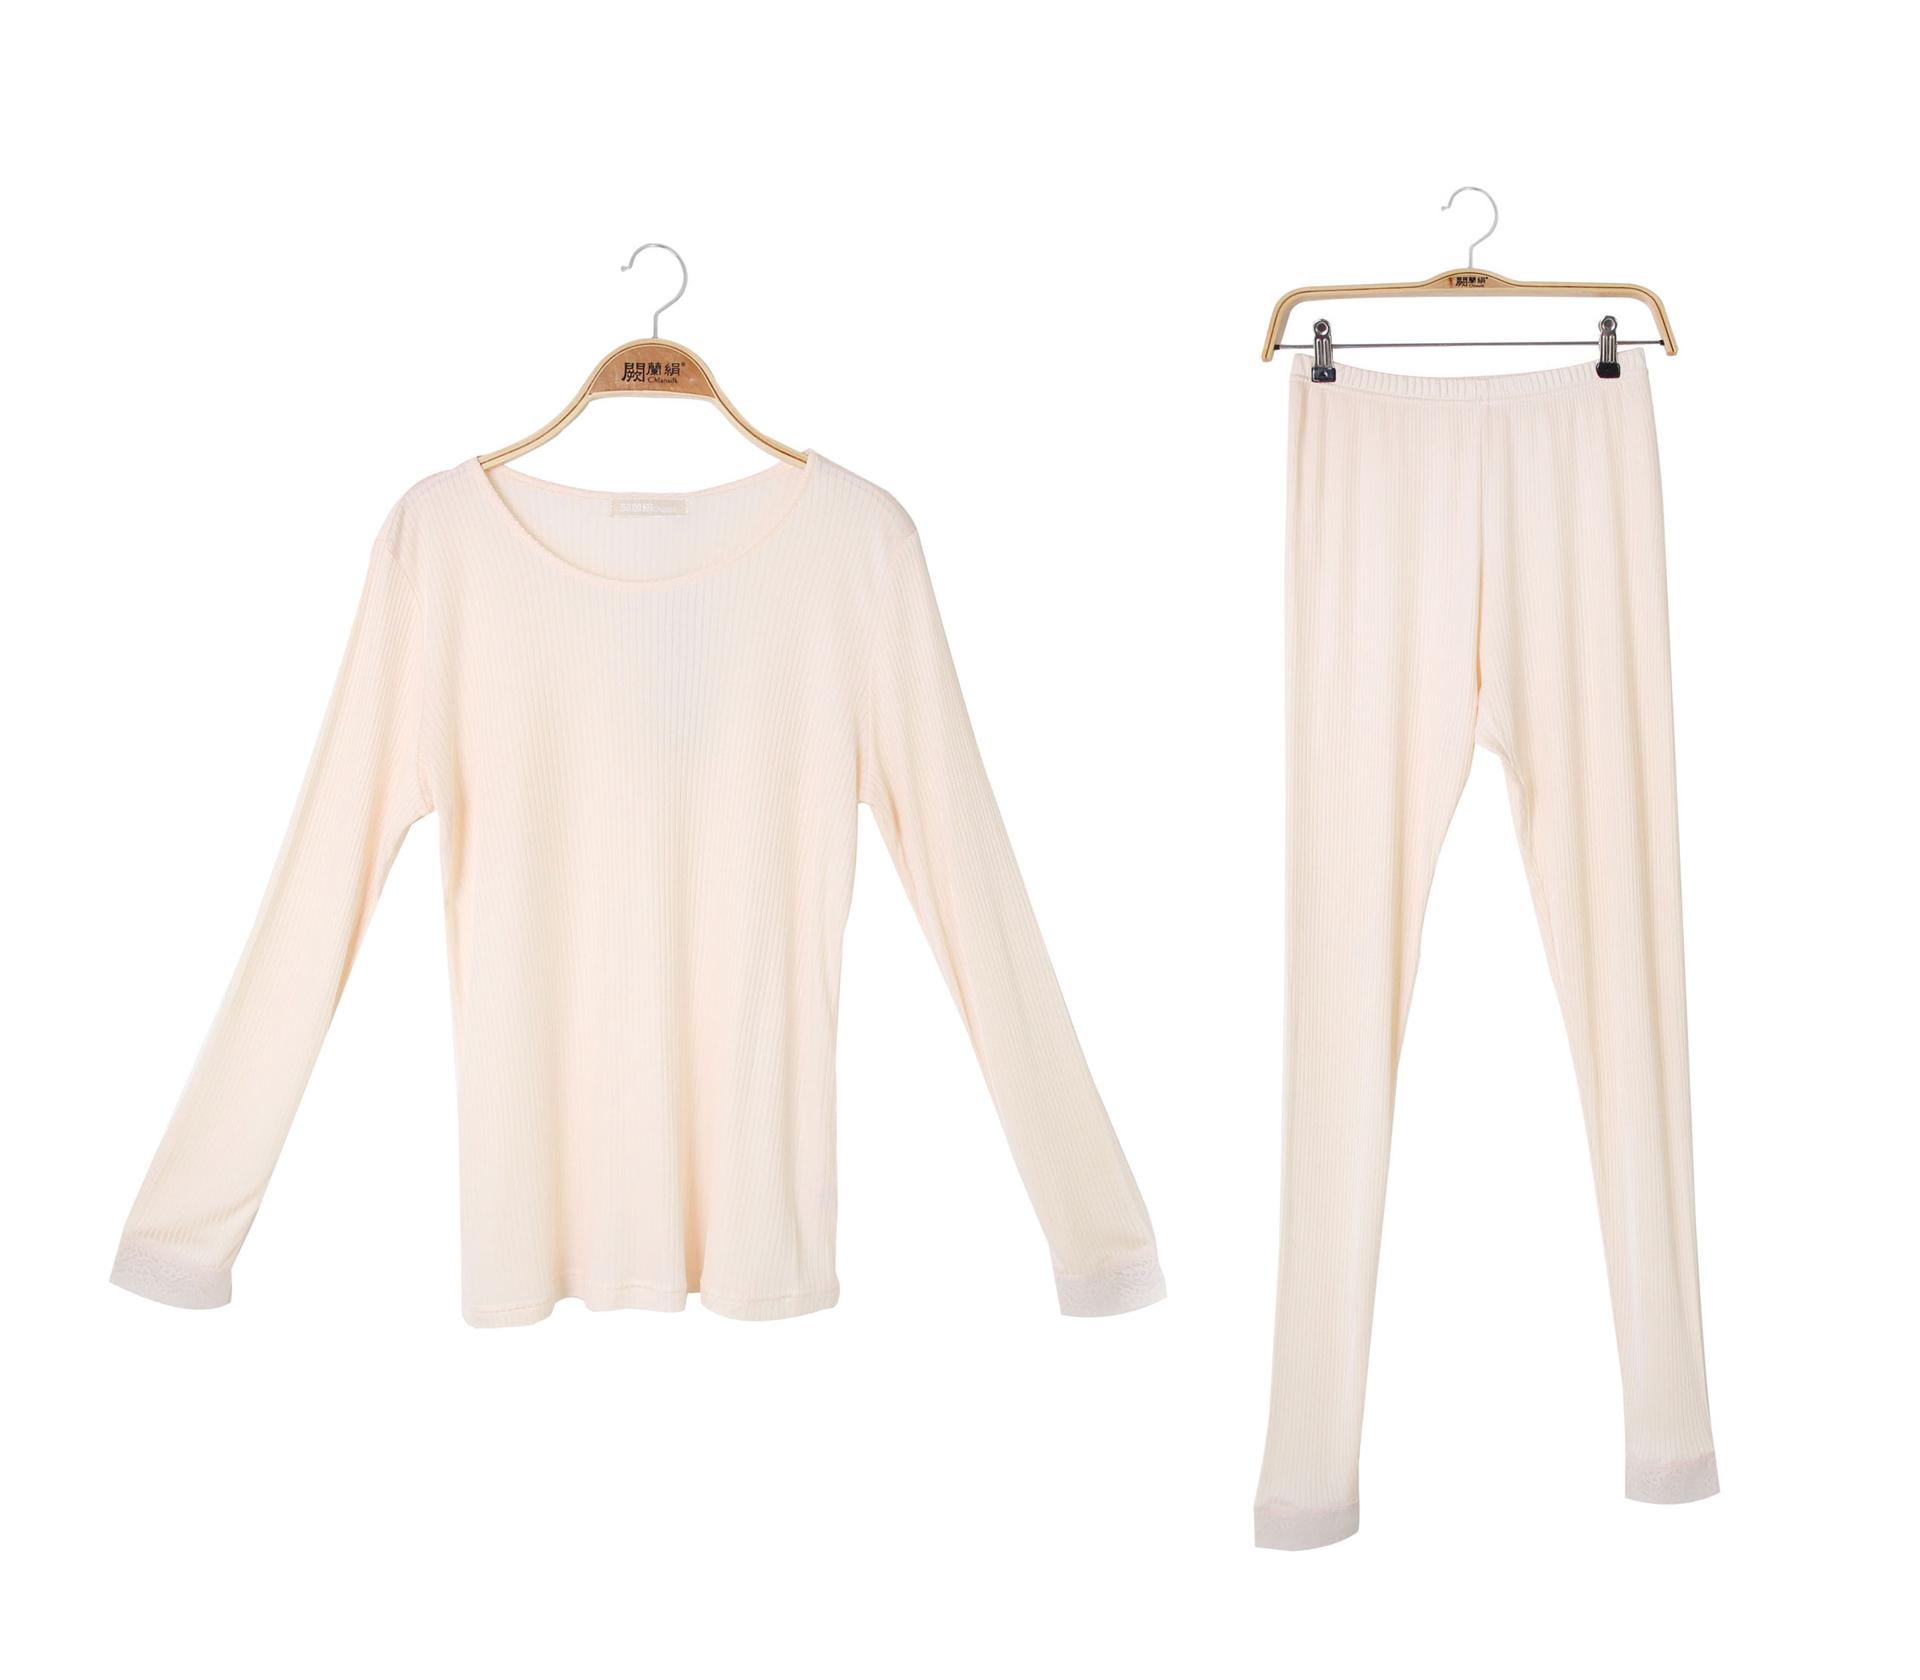 闕蘭絹舒適柔軟直條紋造型100%蠶絲睡衣褲裝 - 黃色 - 3614